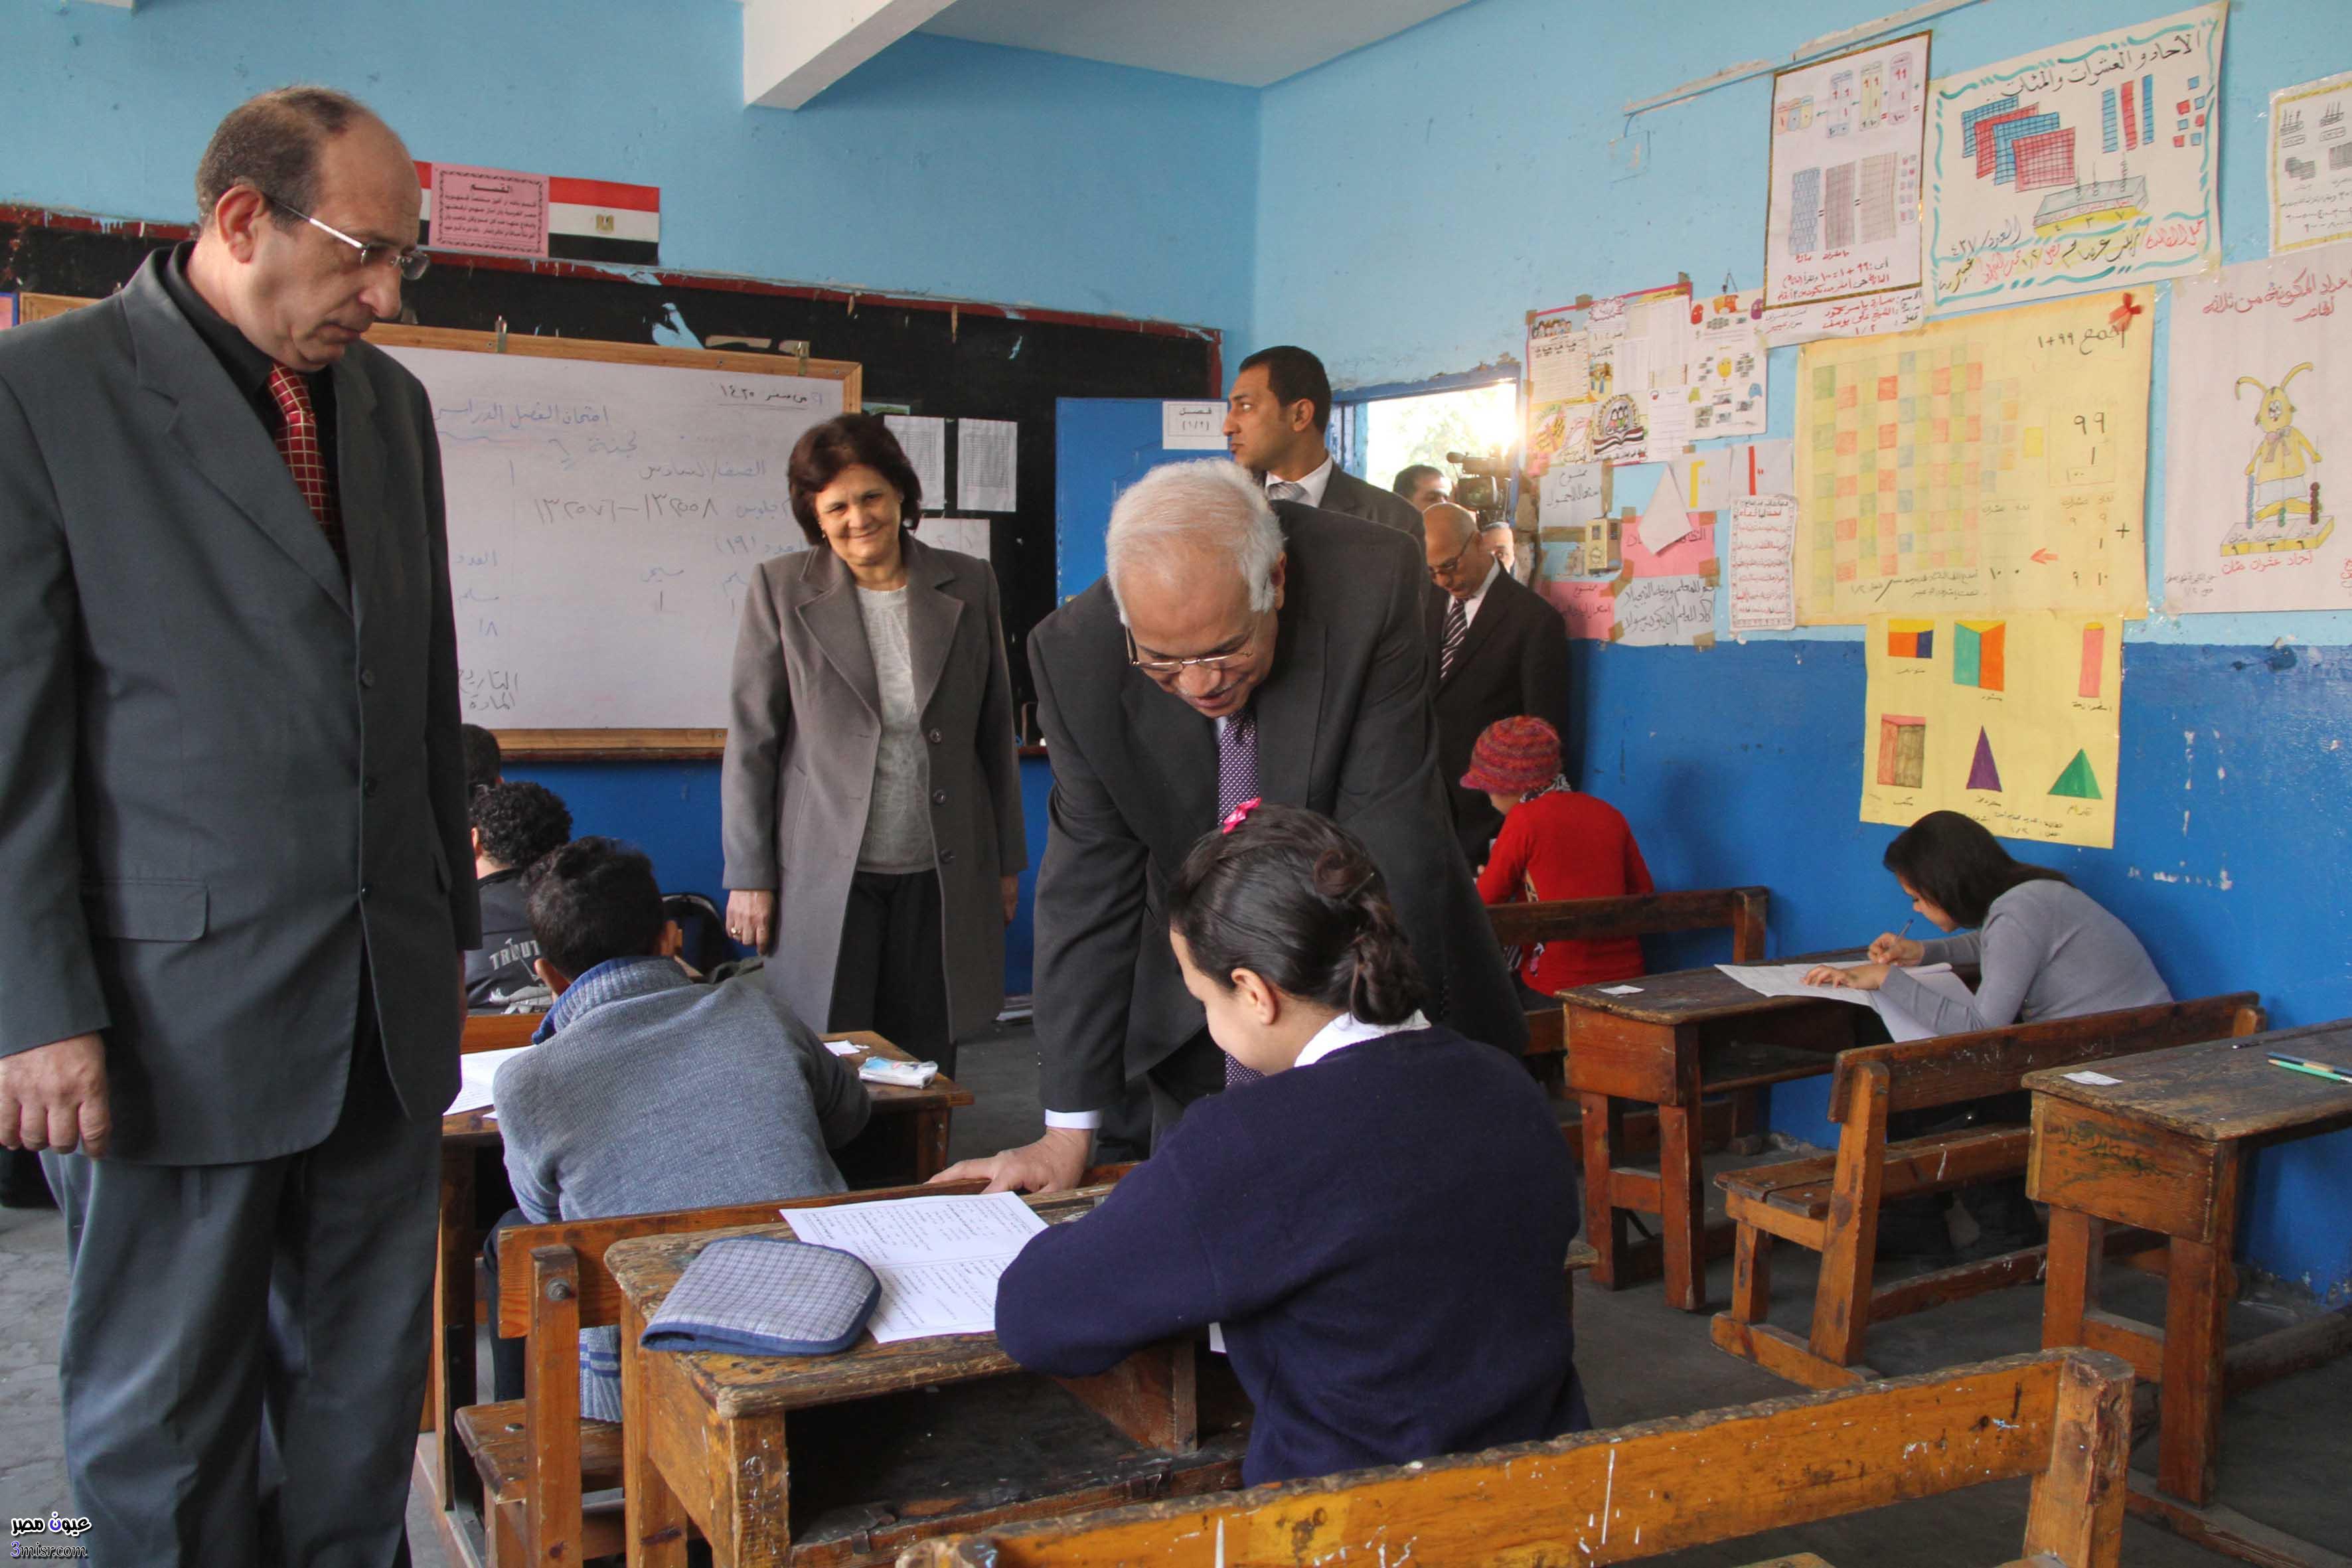 نتيجة امتحانات طلاب الشهادة الابتدائية محافظة الاسكندرية 2015